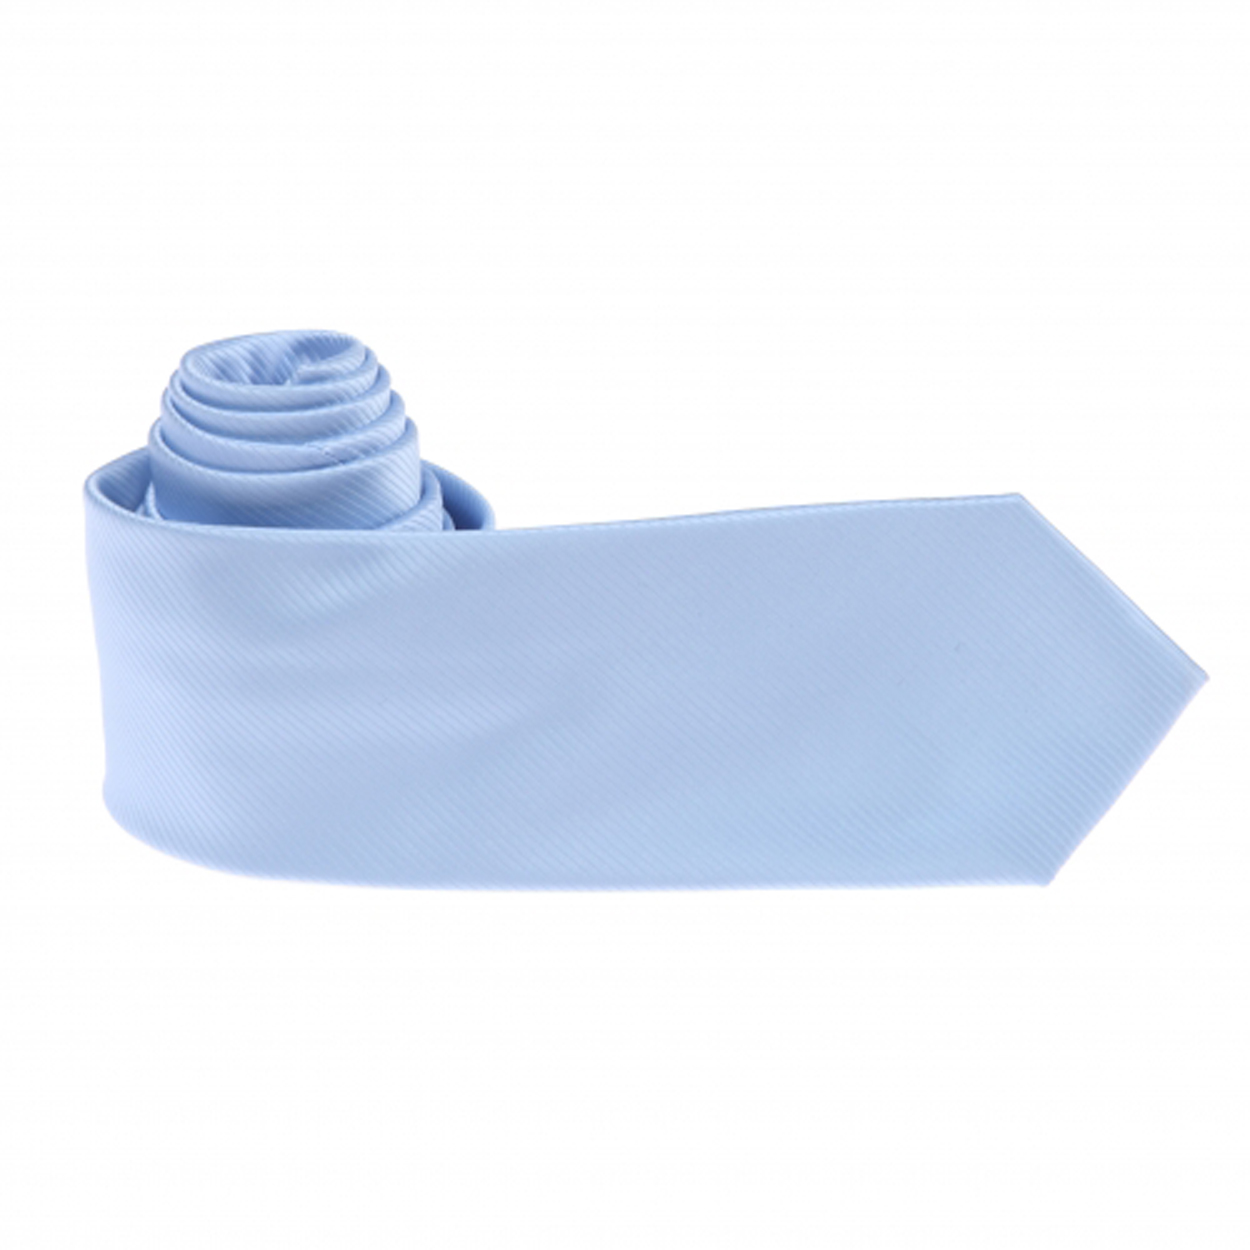 Cravate unie bleu ciel